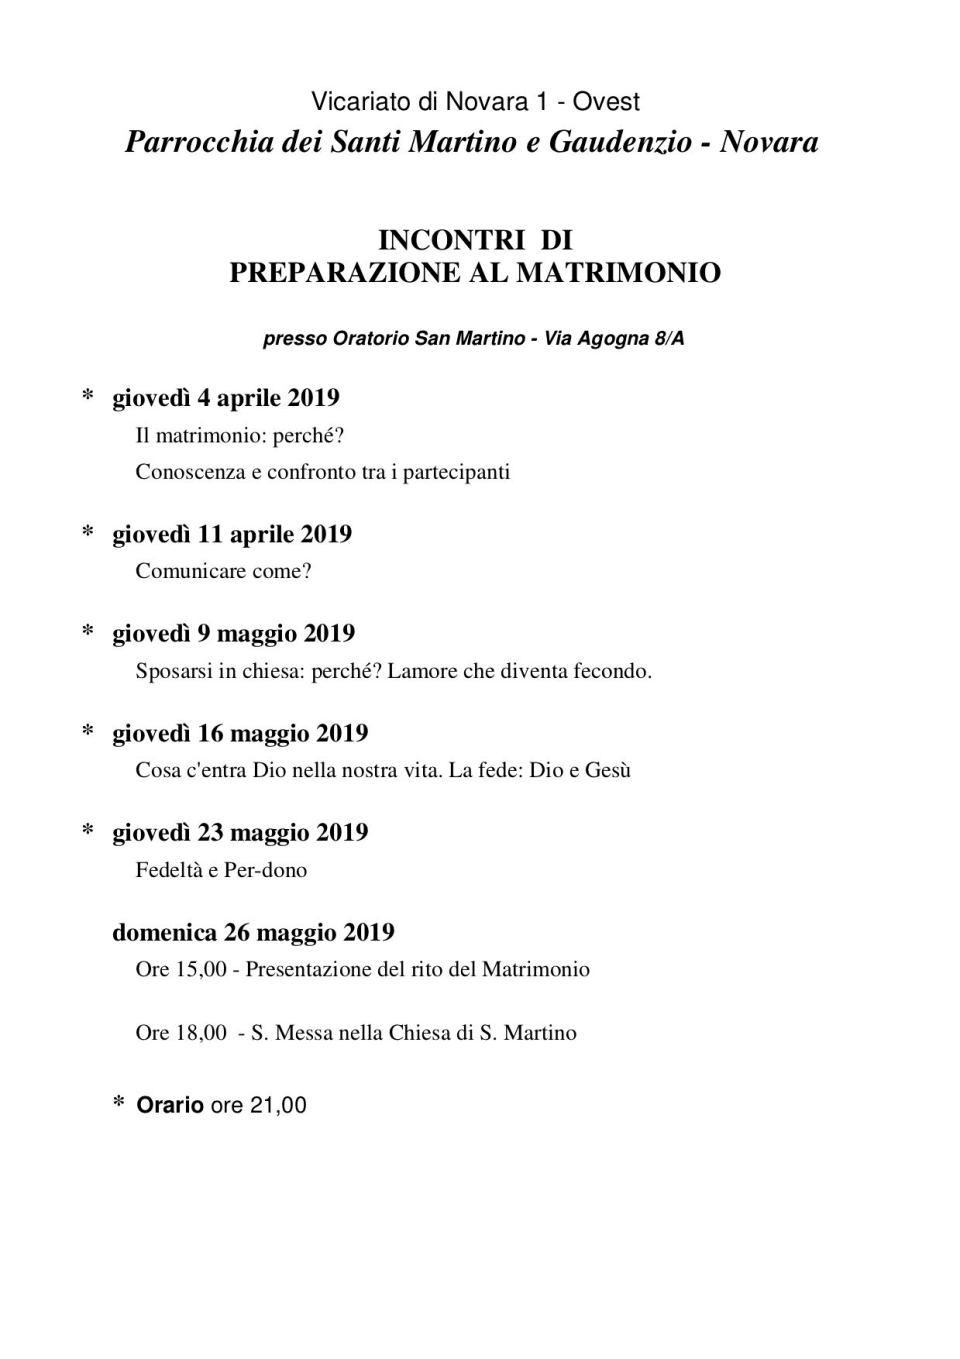 programma incontri preparazione matrimonio san martino 2019